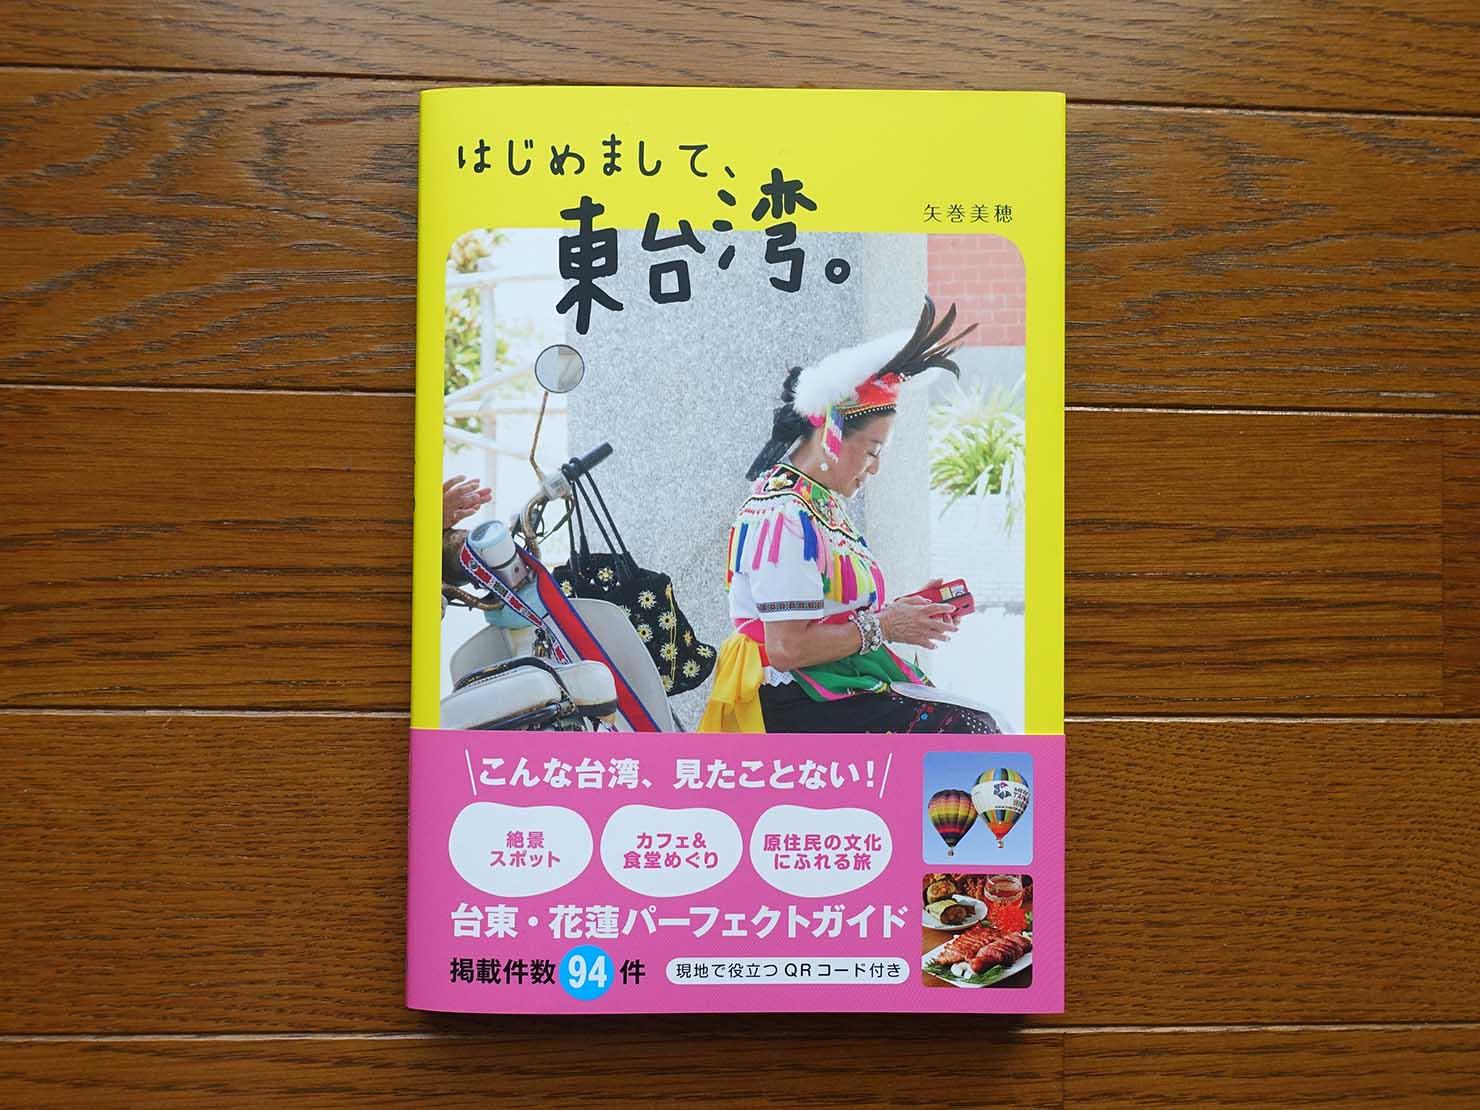 台東・花蓮観光におすすめのガイドブック『はじめまして、東台湾。』